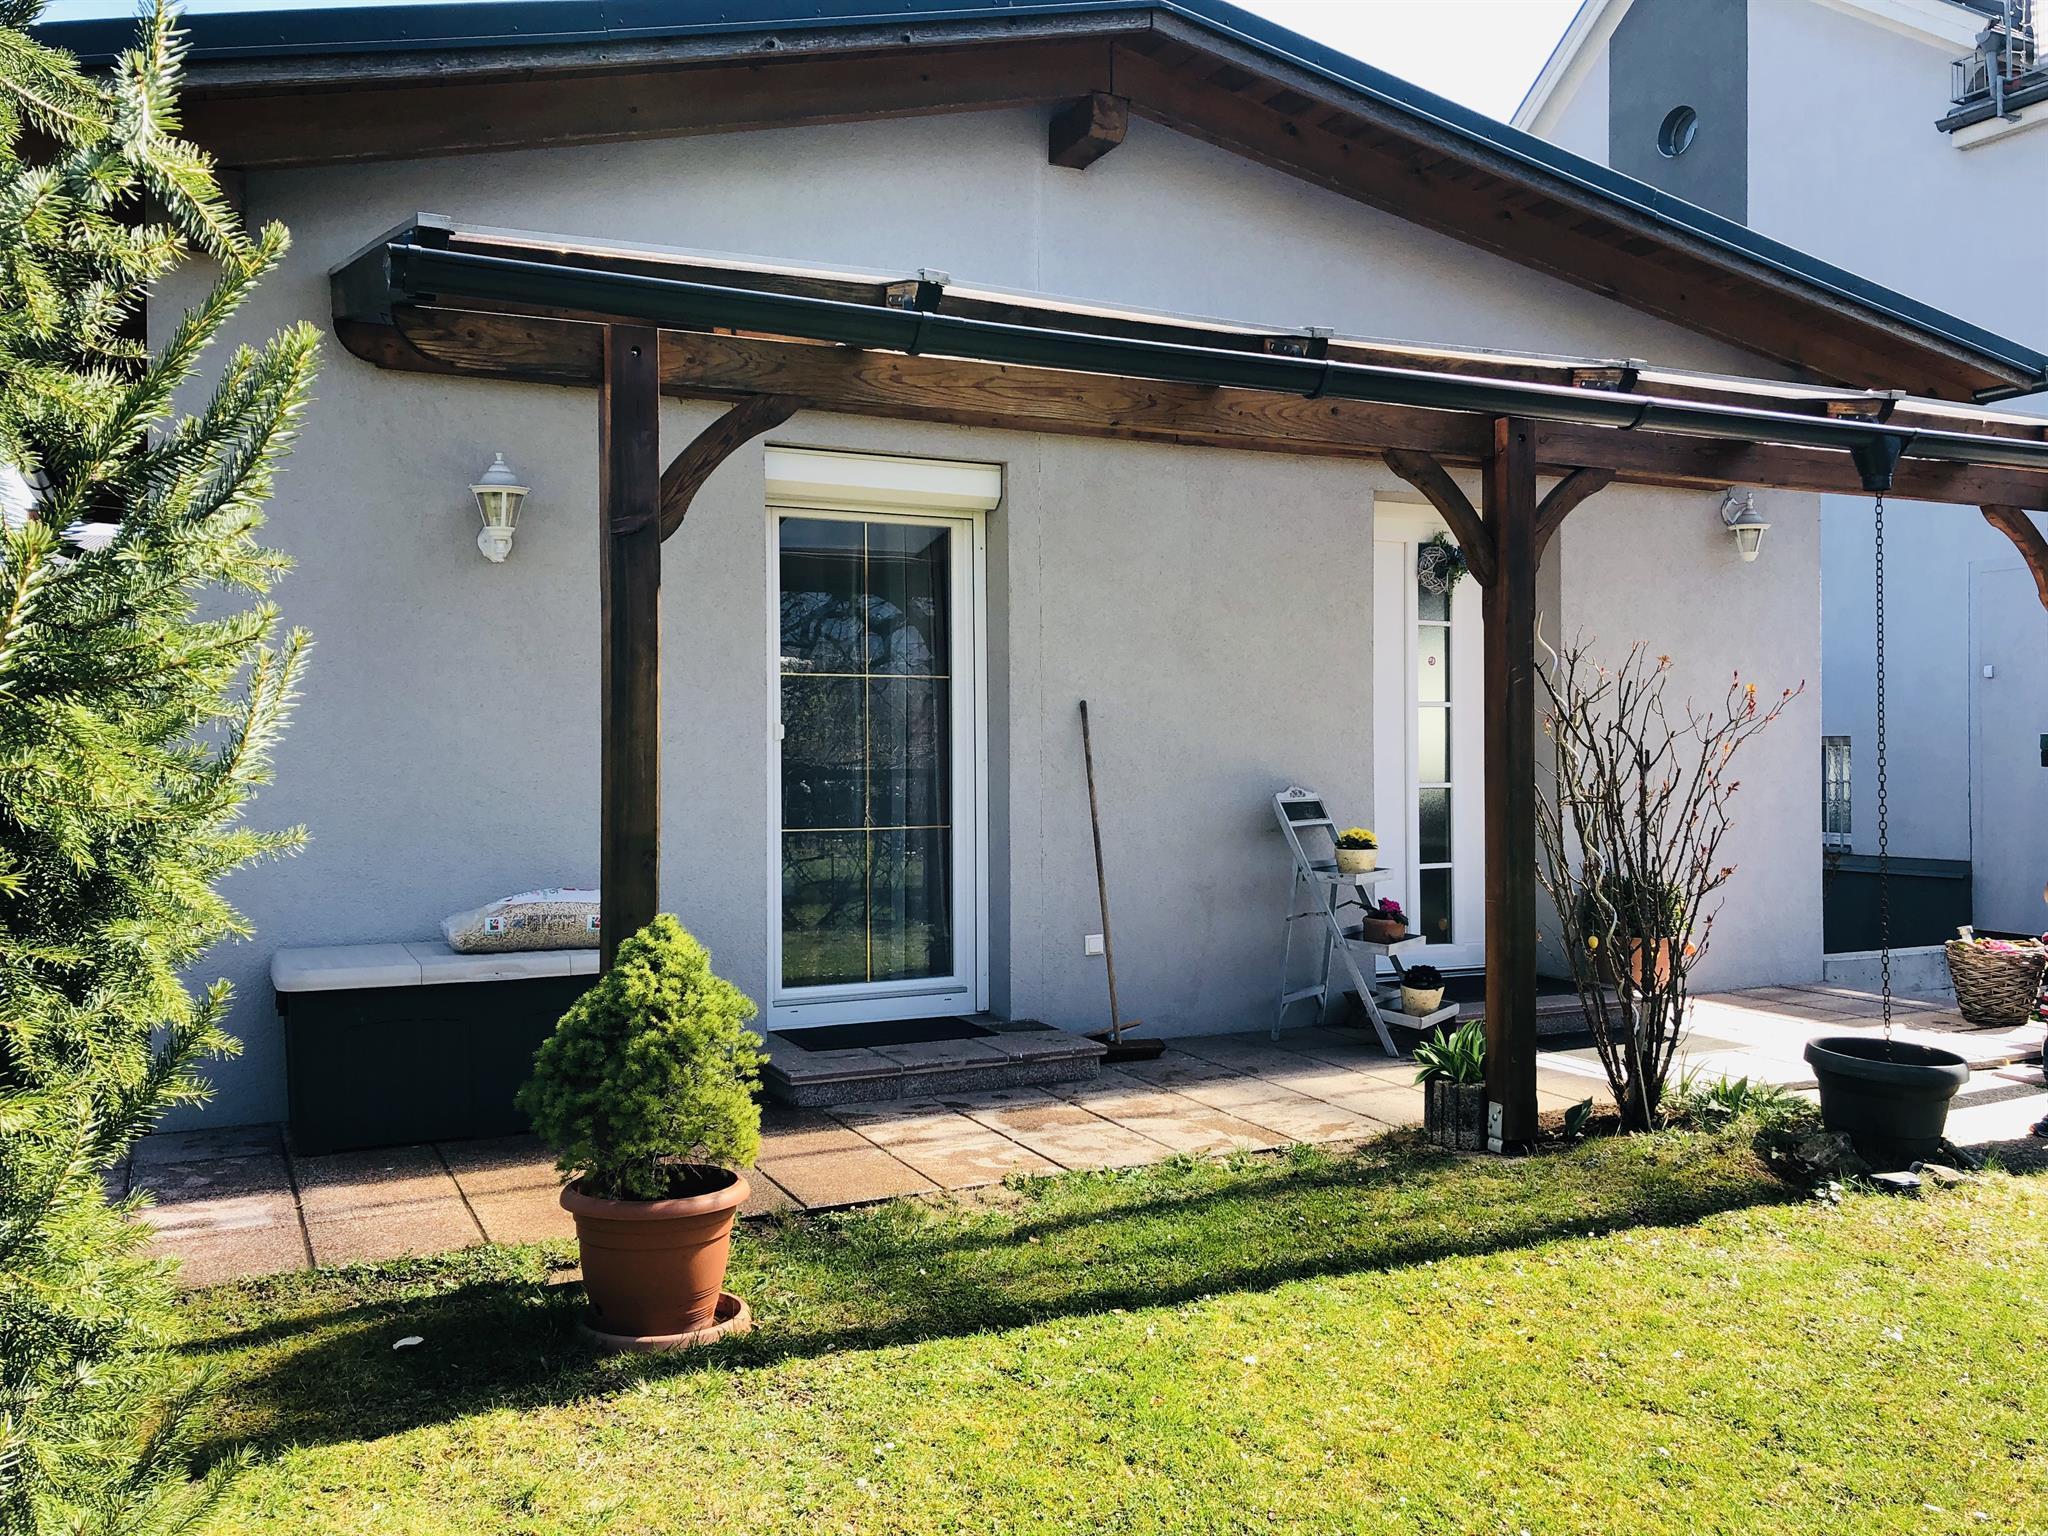 Ferienhaus Villach Villach (2548000), Villach, Villach, Kärnten, Österreich, Bild 3